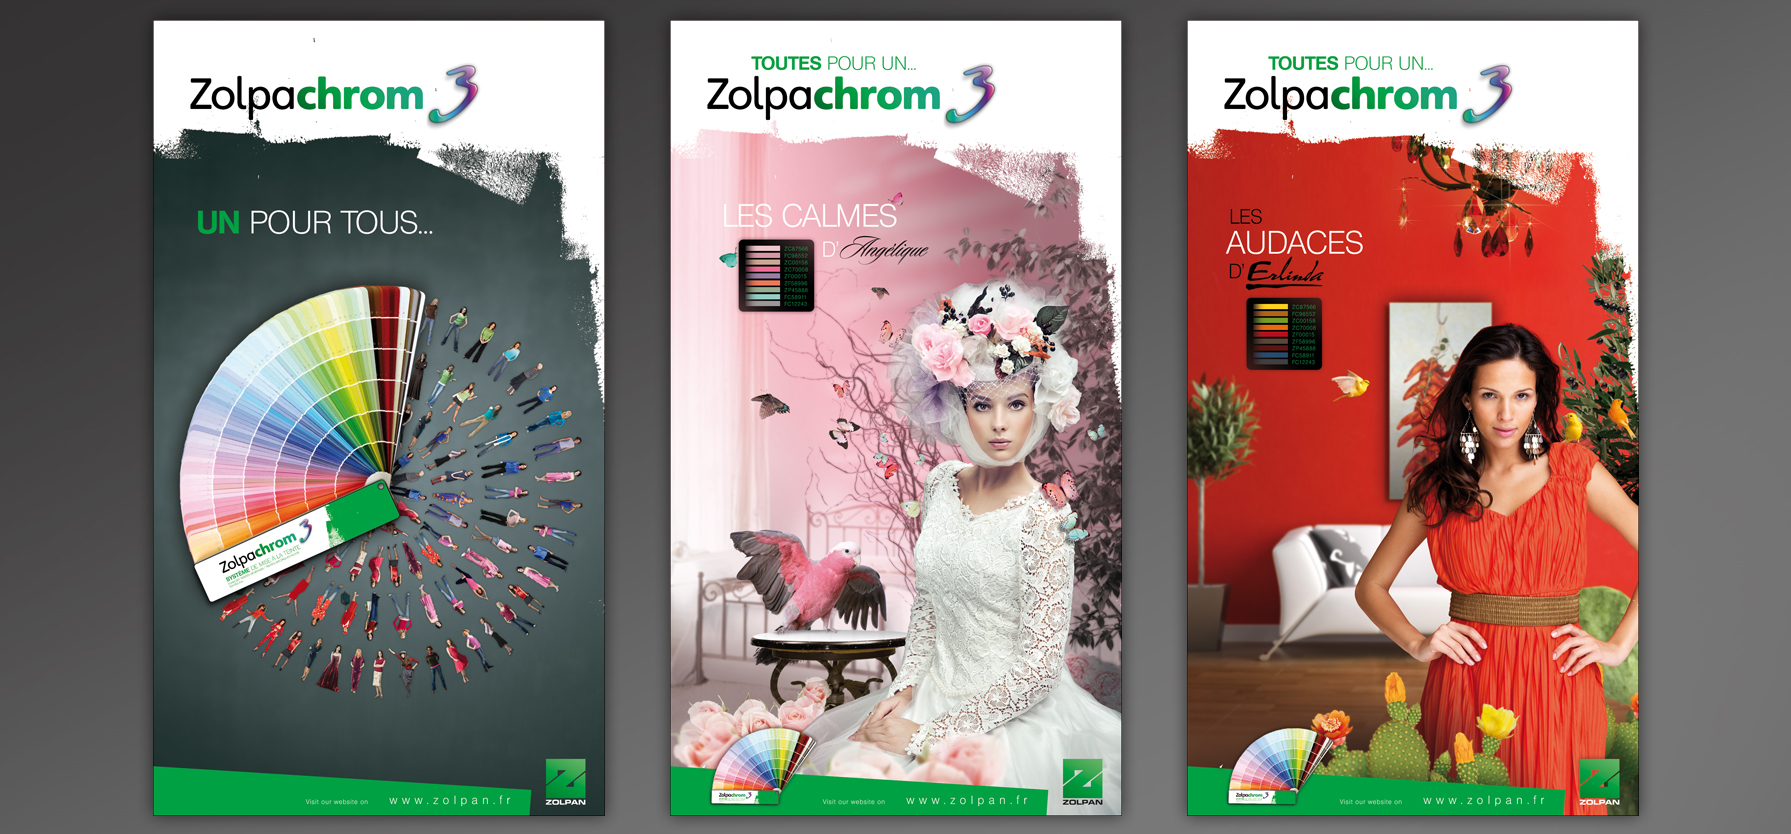 zolpan_identite_produit-02